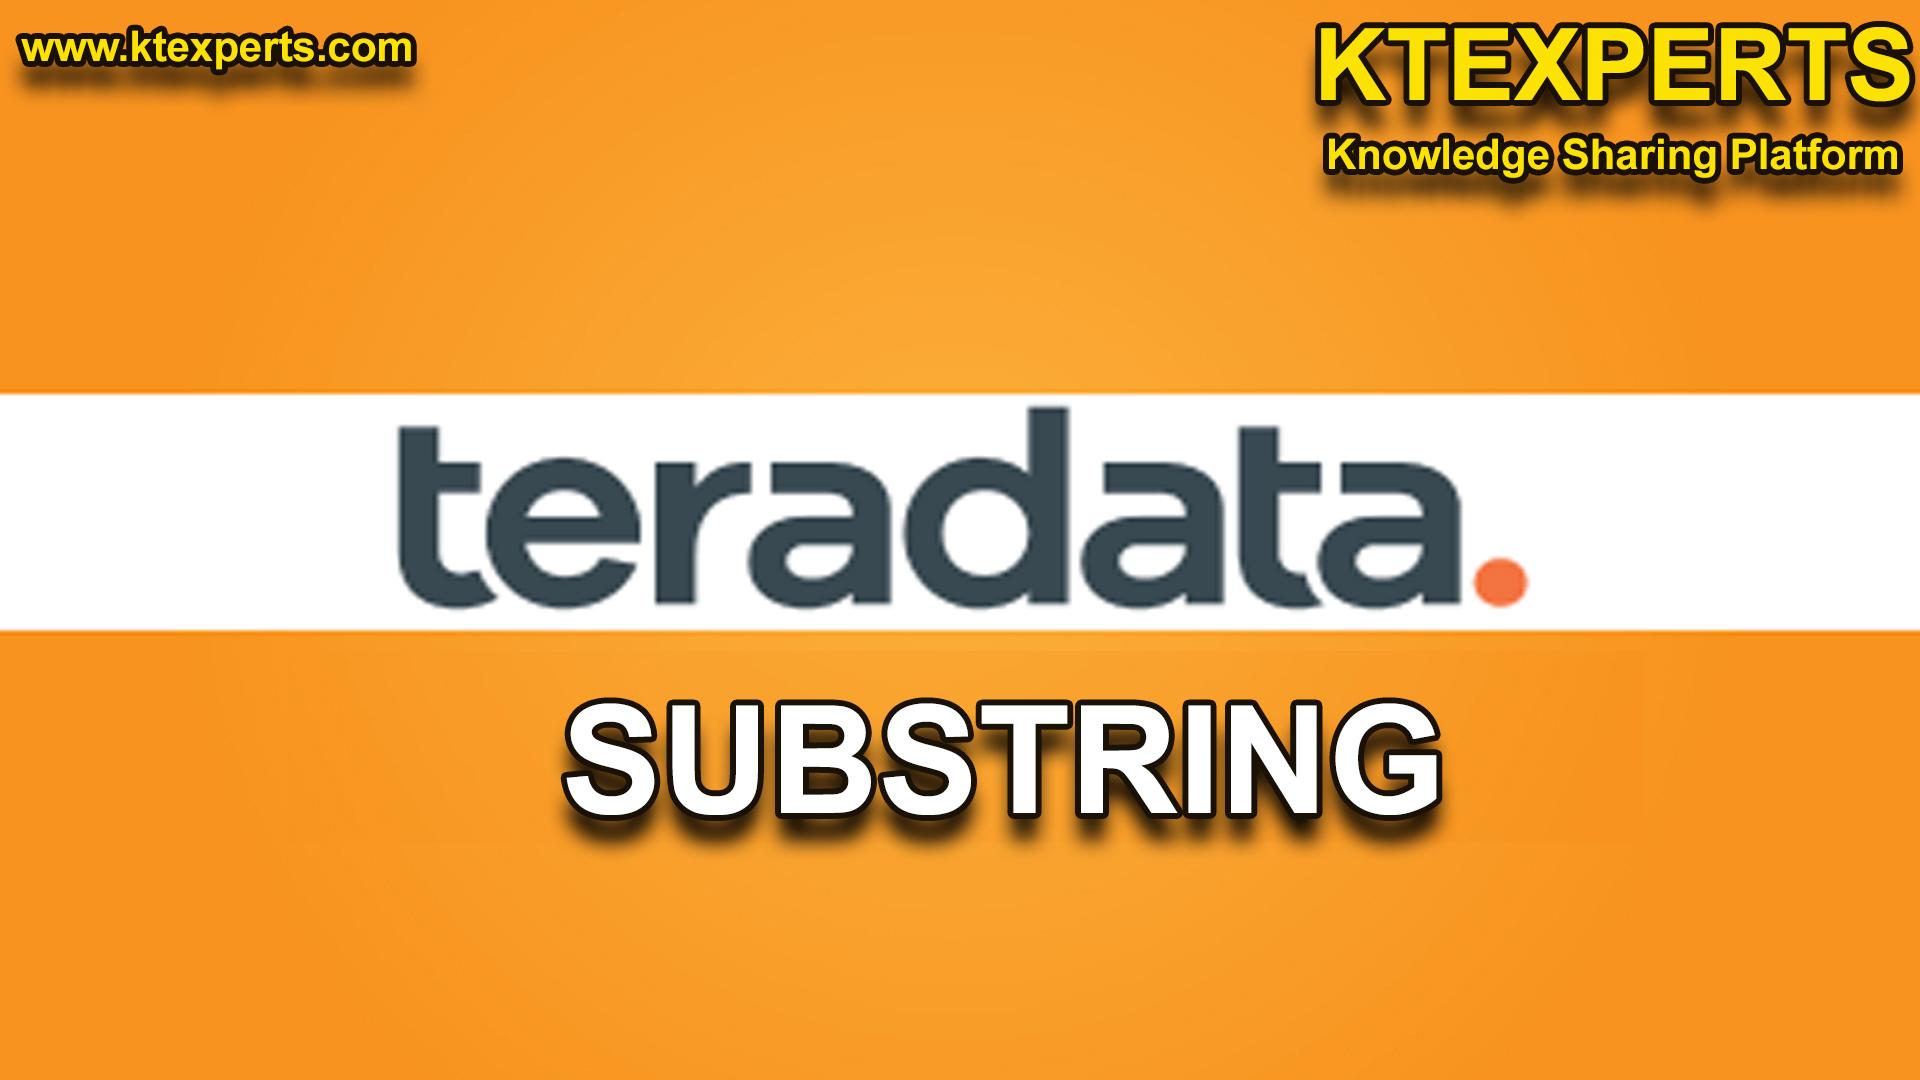 SUBSTRING/SUBSTR IN TERADATA